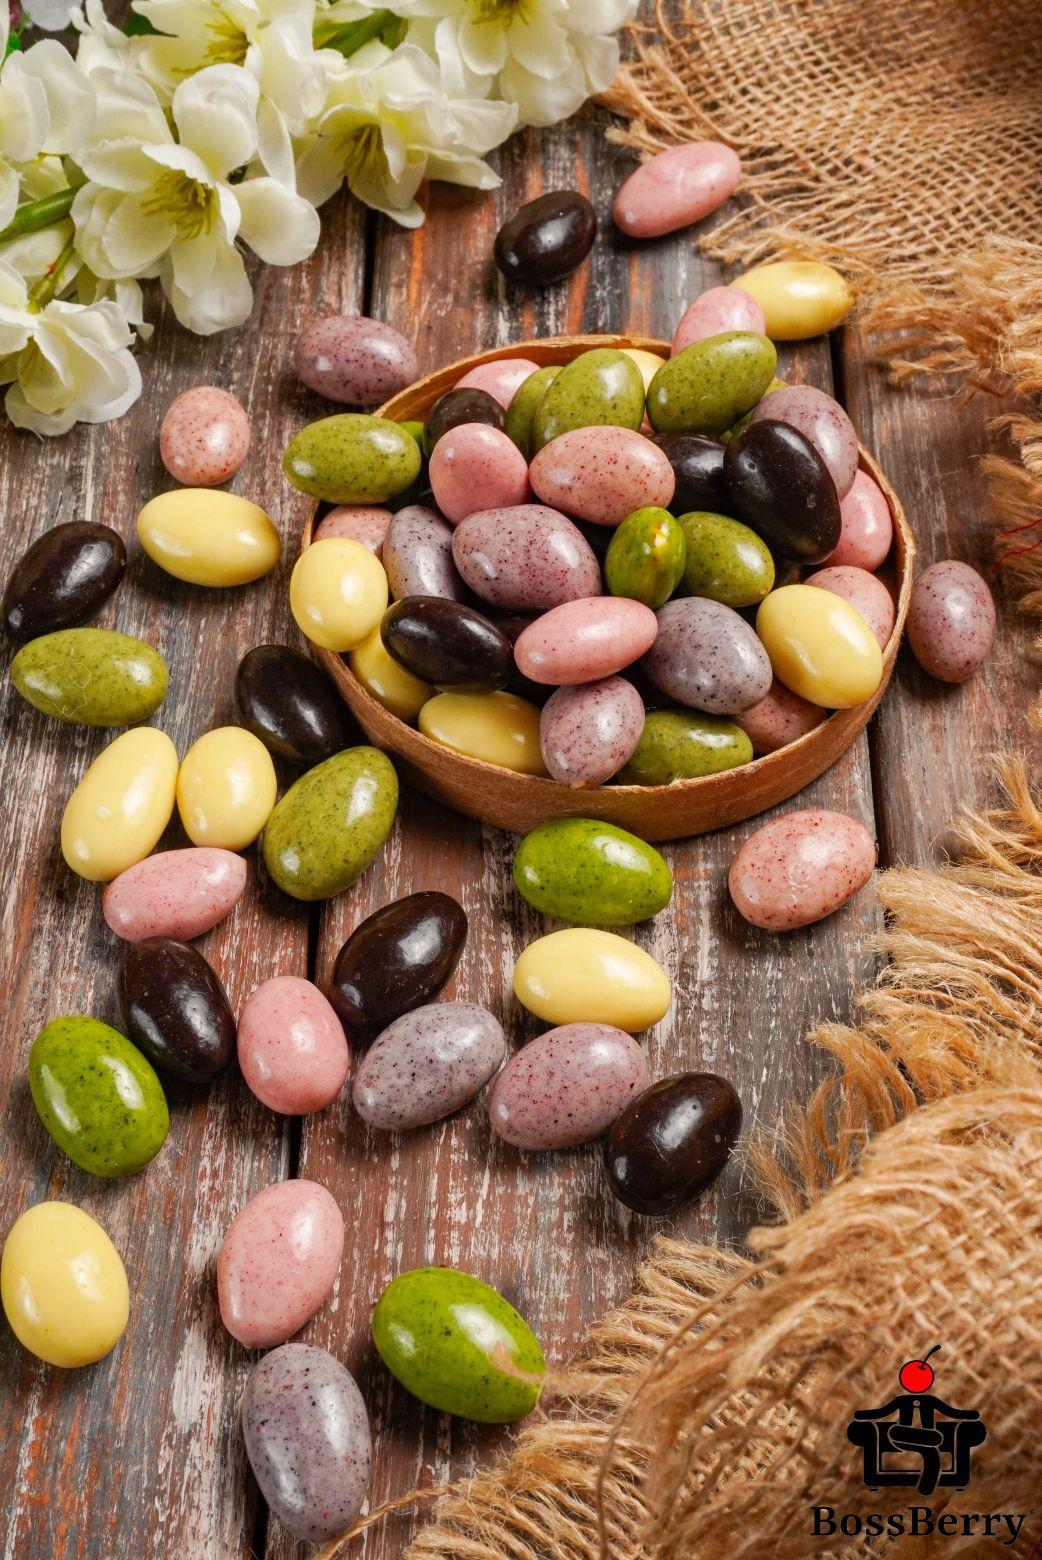 Миндаль в ягодной, фруктовой йогуртовой и шоколадной глазури, ассорти из орехов, орехи в шоколаде